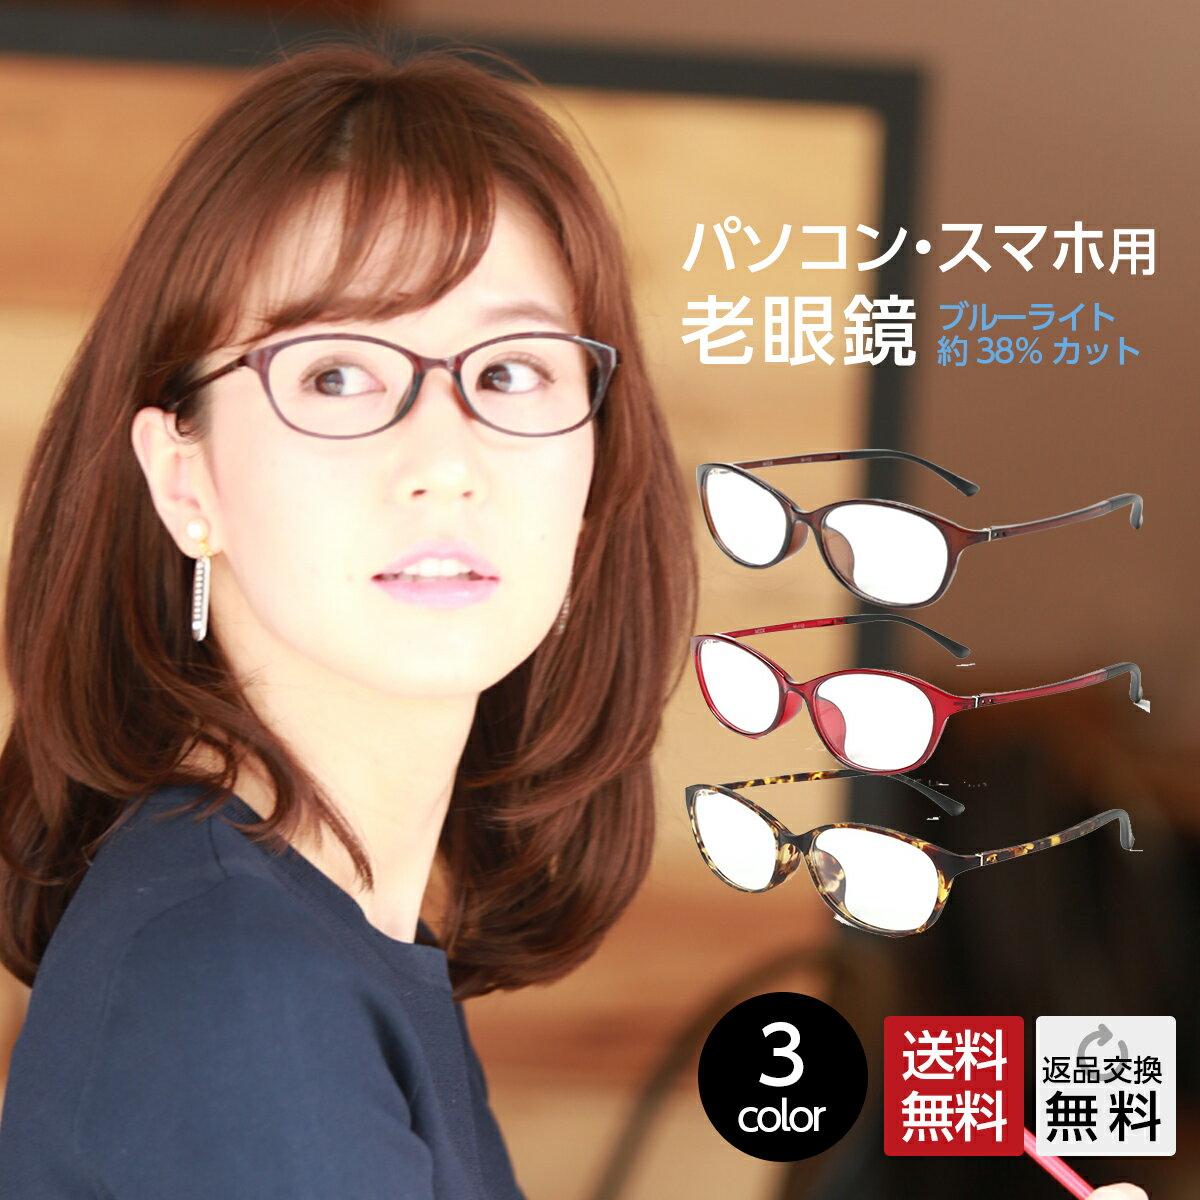 ミディの一押し「いつもより、ちょっとかわいい。」リーディンググラス 選べるデニムケースセット / 老眼鏡 女性 おしゃれ ブルーライトカット ブルーライト リーディンググラス シニアグラス (M-112) 選べる3色 女性用 老眼鏡